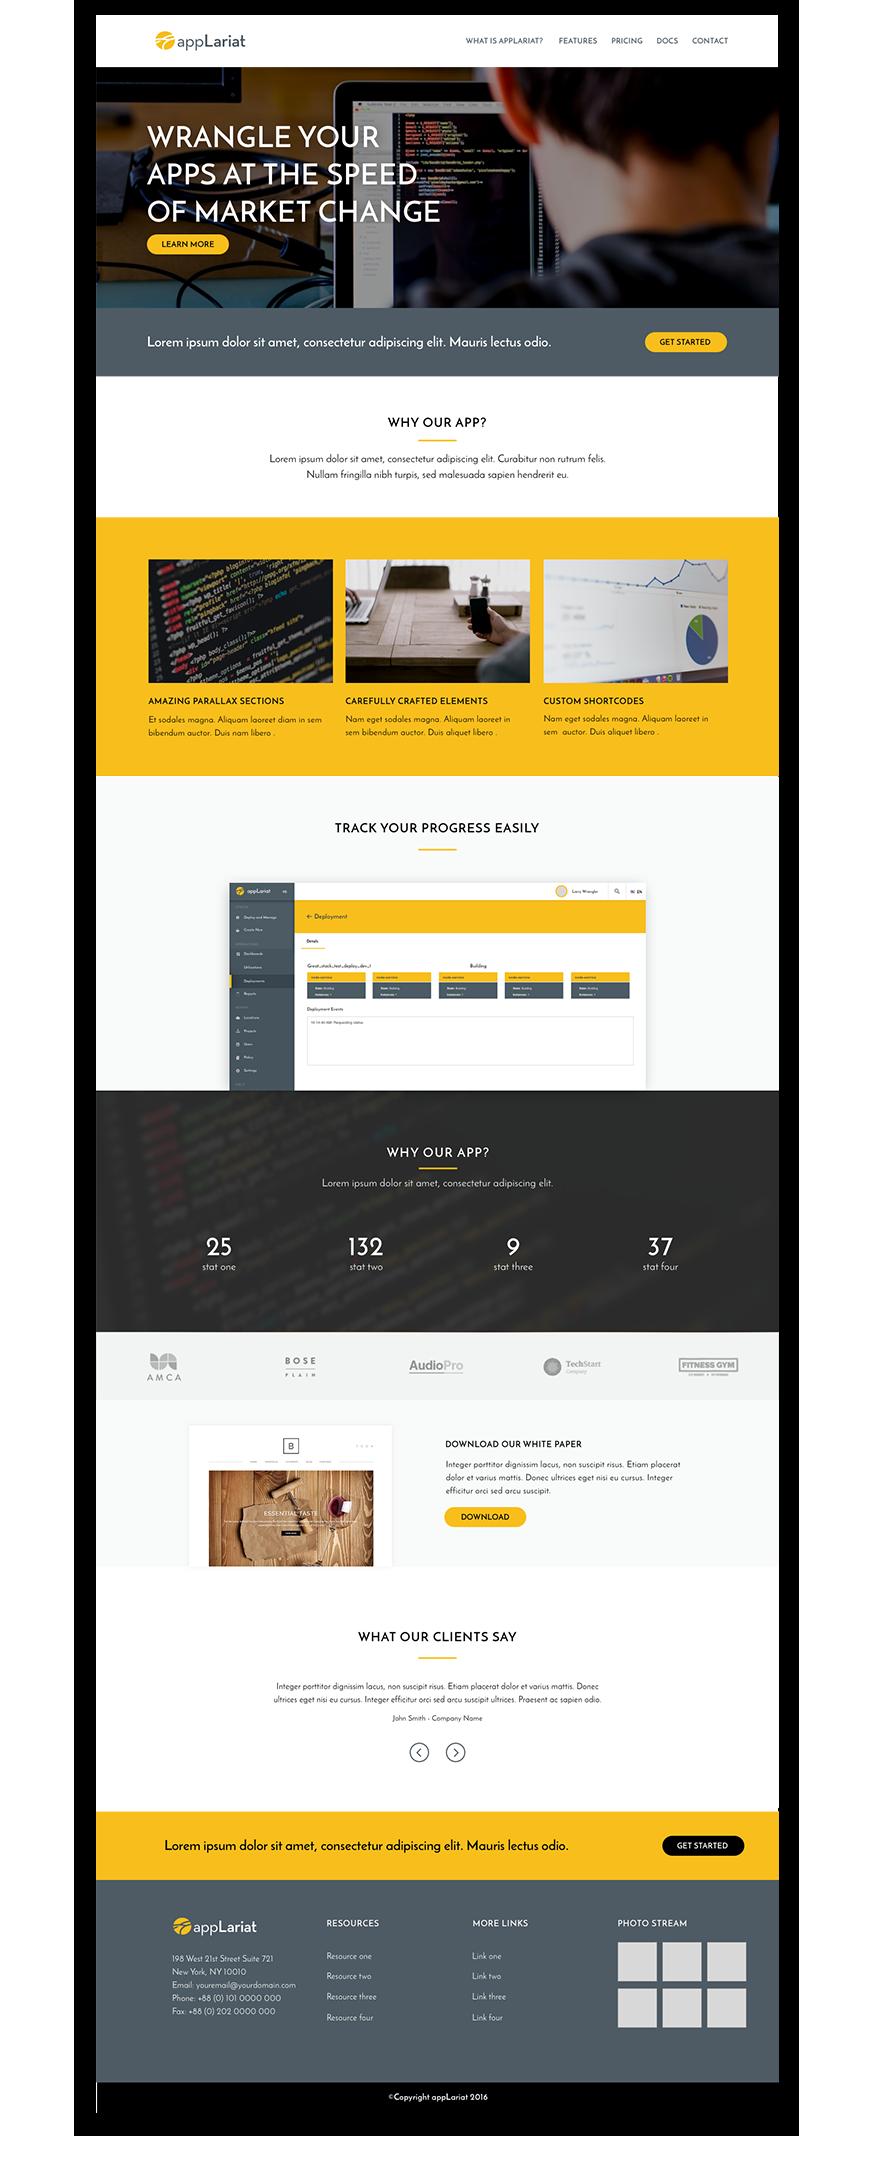 appLariat website design